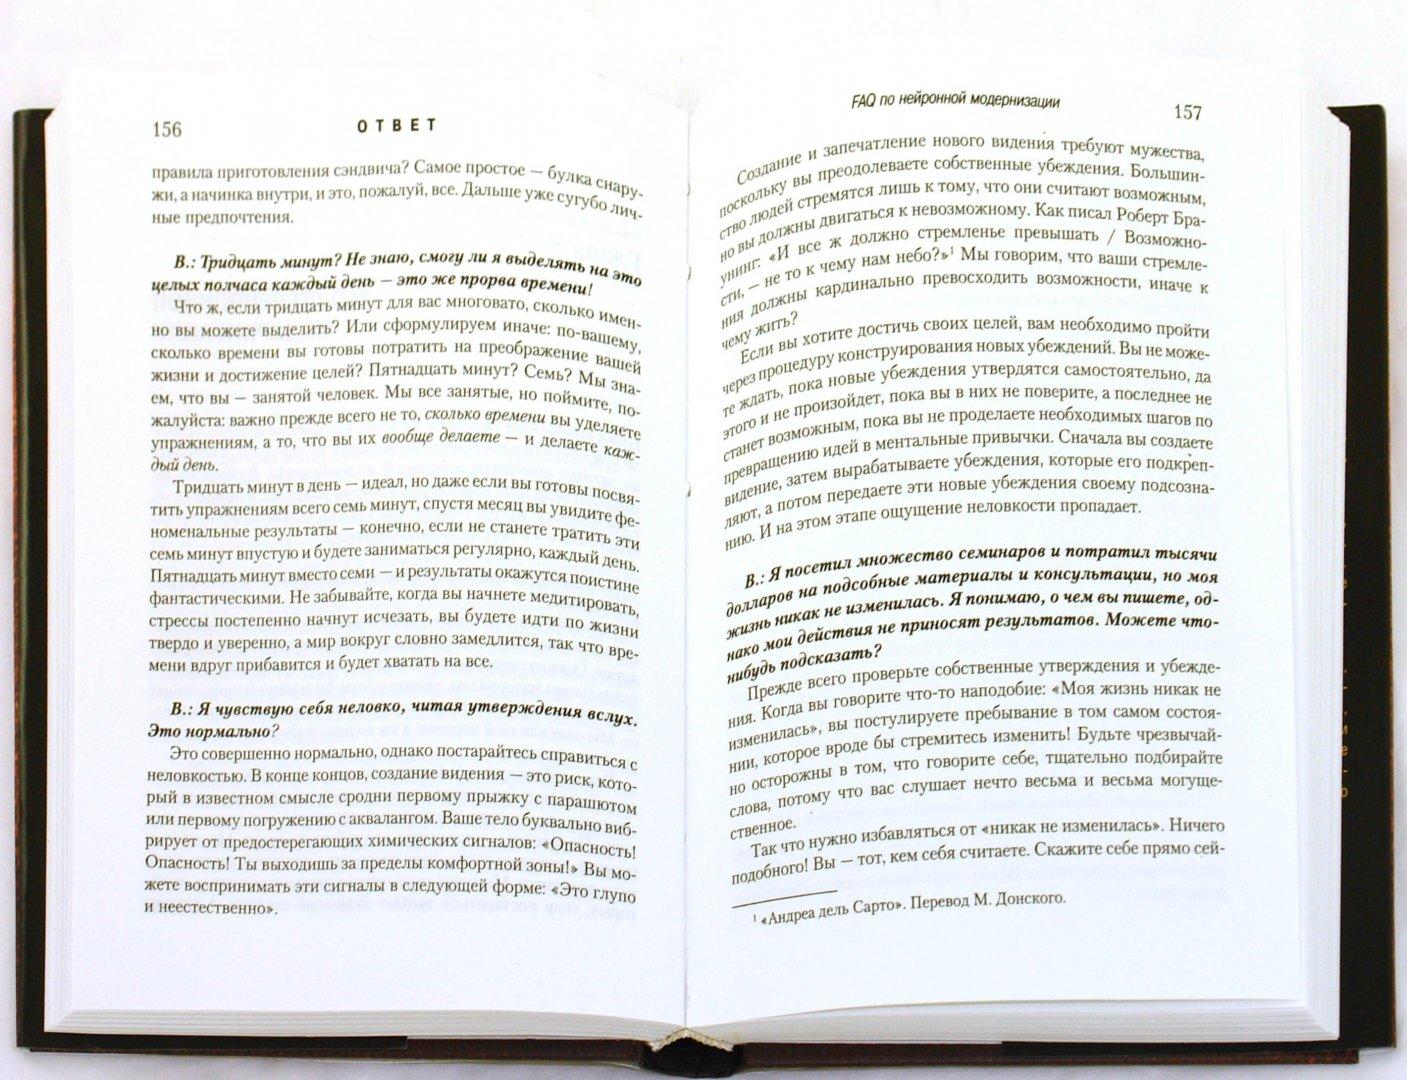 Иллюстрация 1 из 25 для Ответ. Как преуспеть в бизнесе, обрести финансовую свободу и жить счастливо - Ассараф, Смит | Лабиринт - книги. Источник: Лабиринт